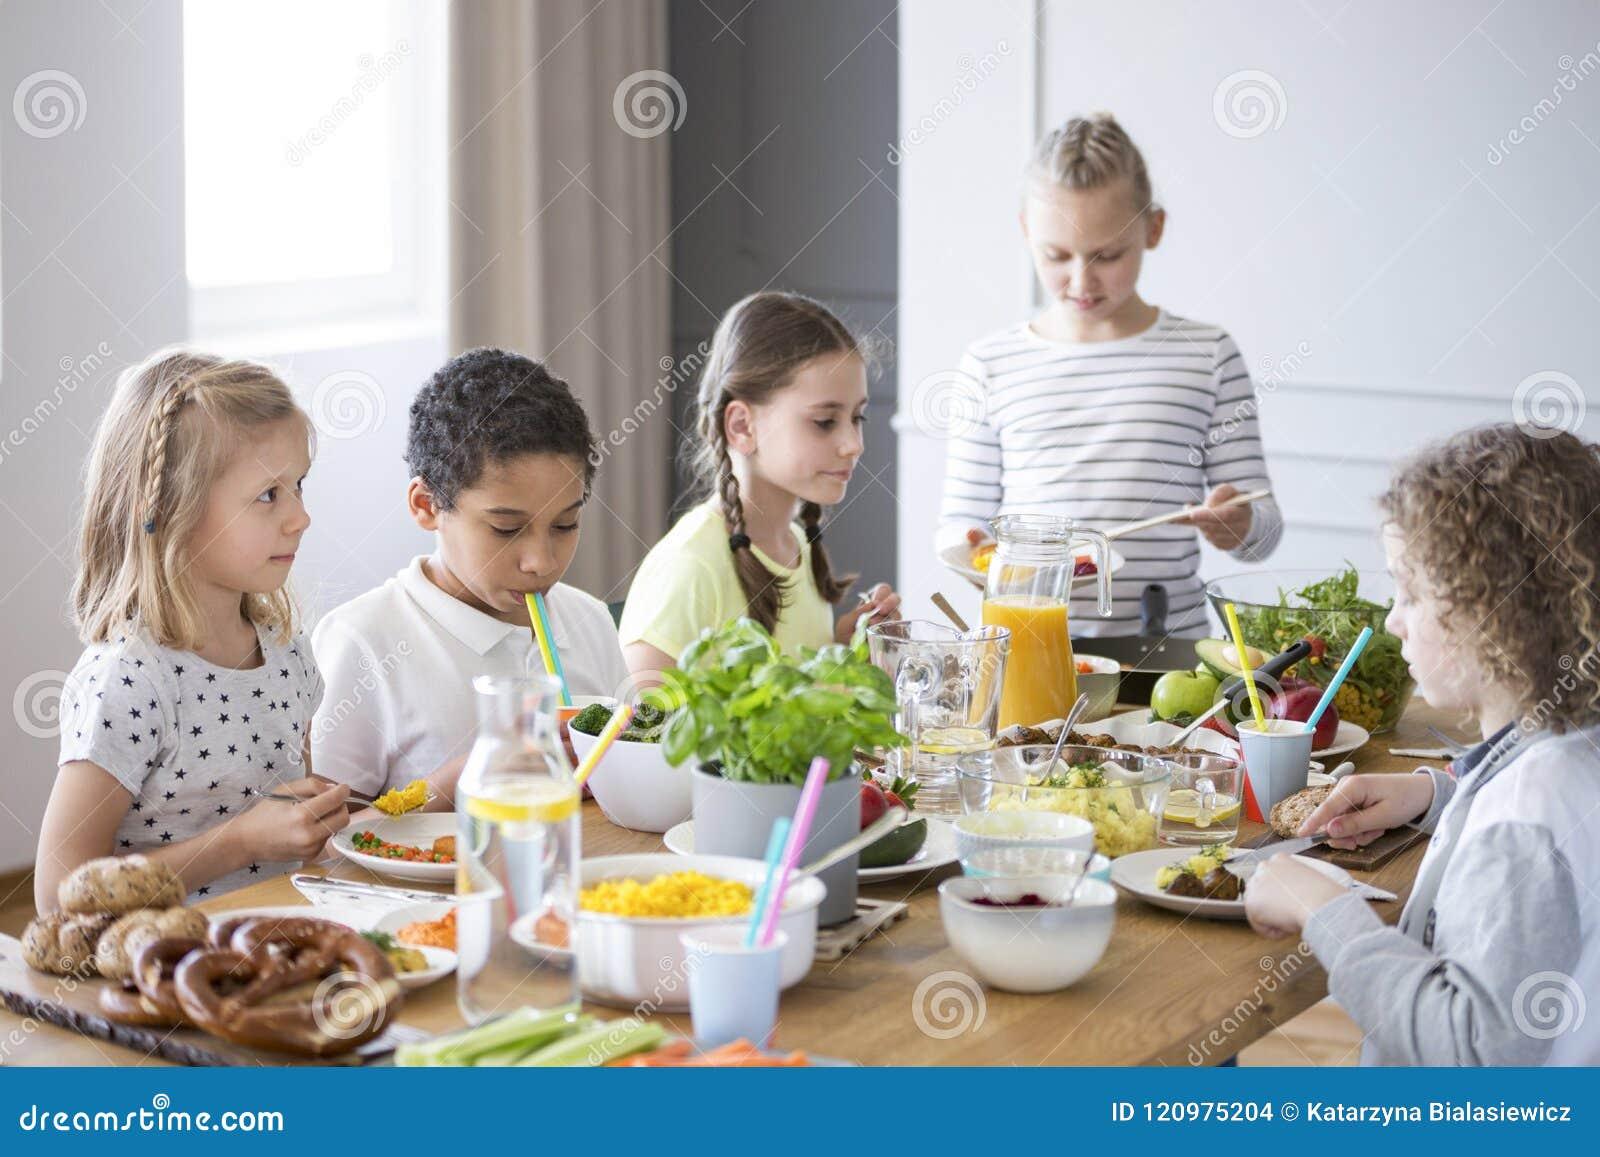 Kinderen die van een gezonde maaltijd genieten door een lijst in een eetkamer dur